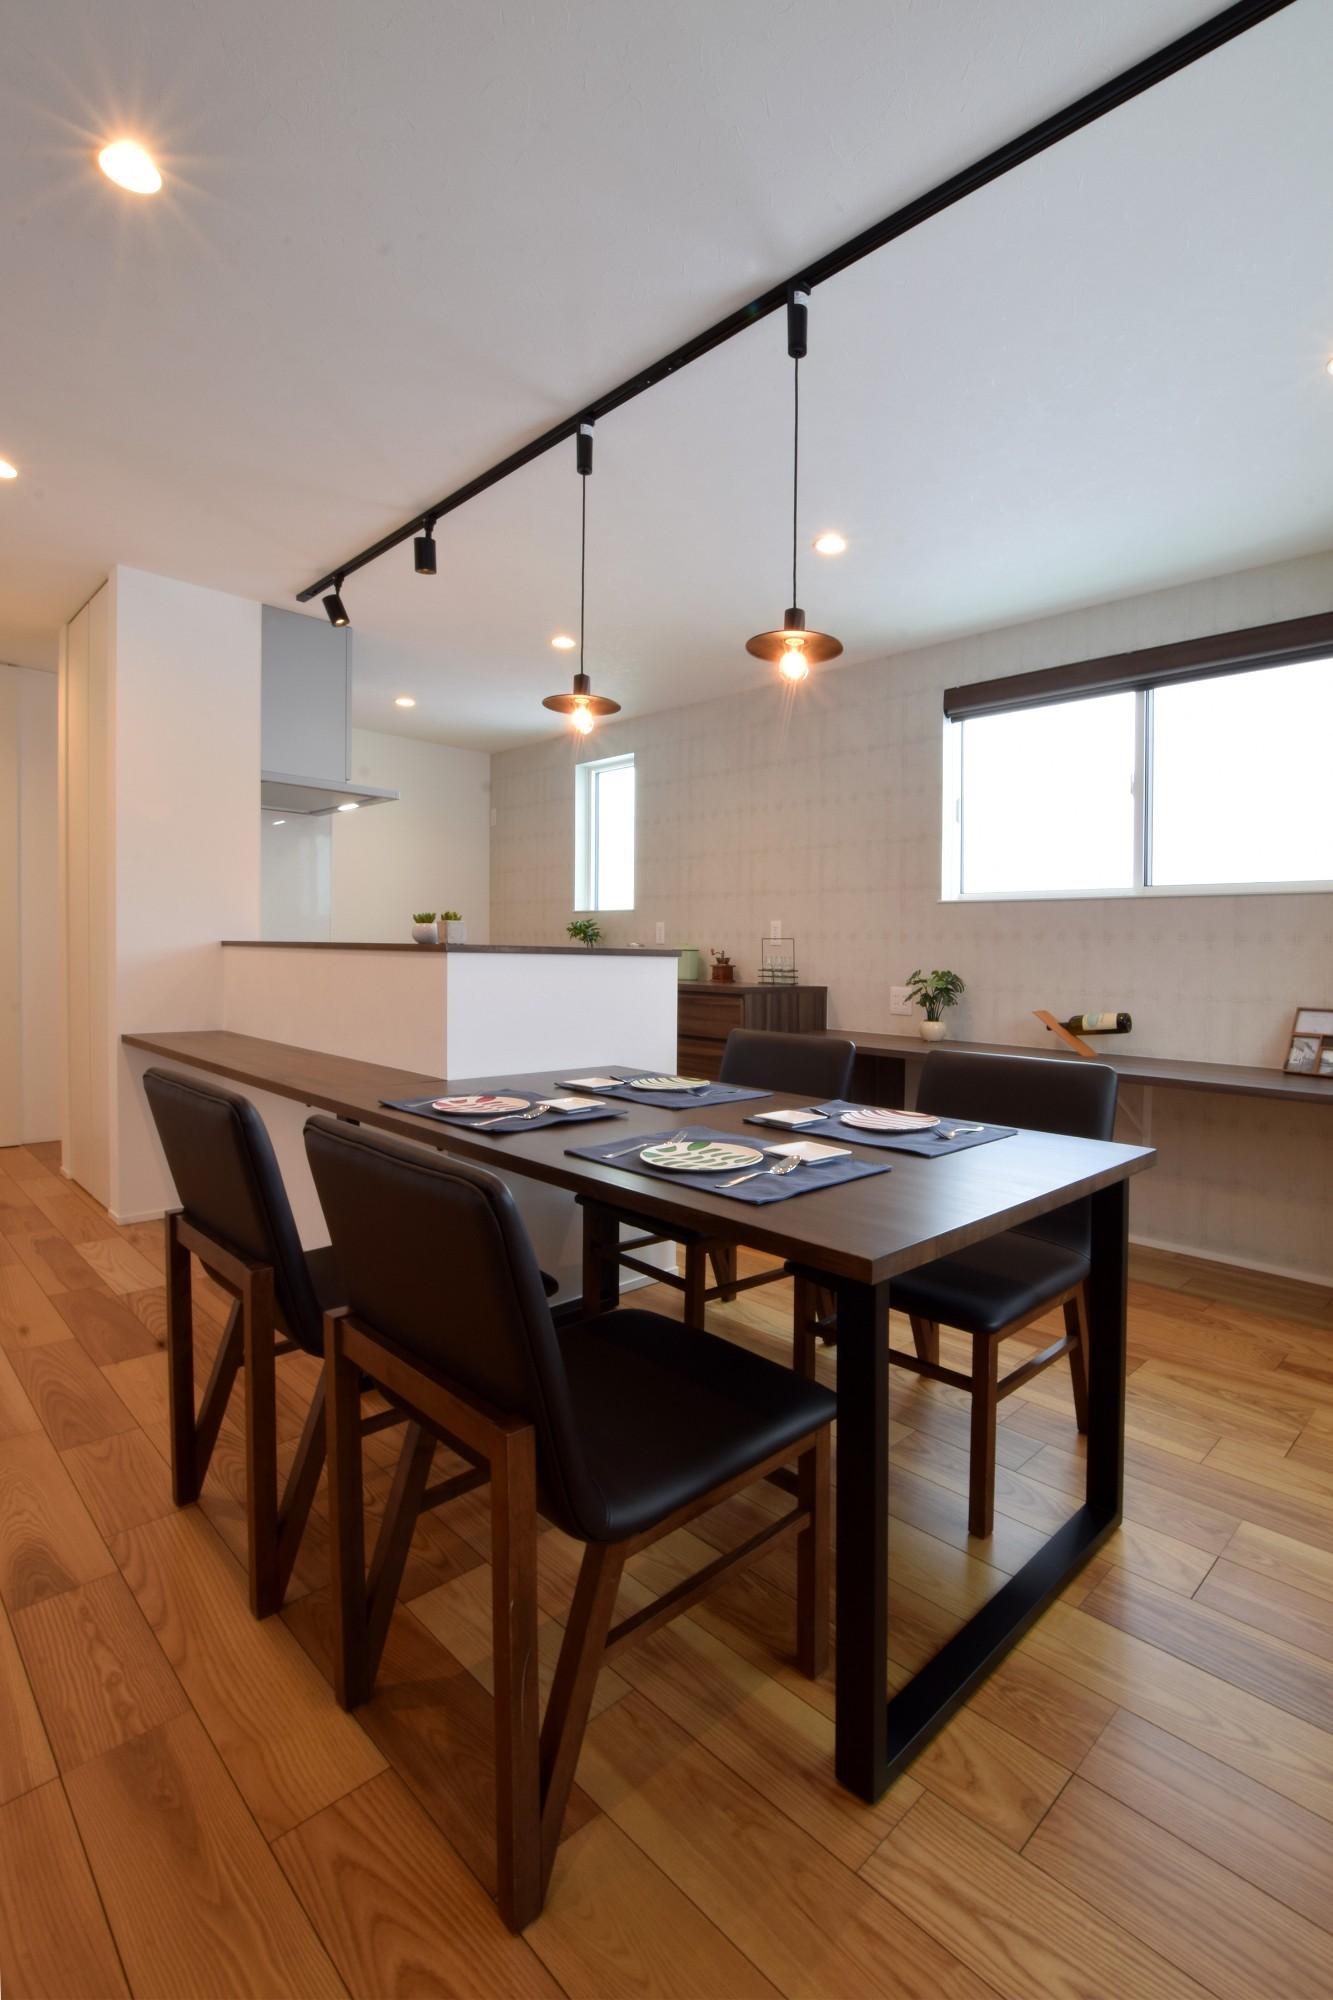 DETAIL HOME(ディテールホーム)「おうち時間を大切にした住まい」のシンプル・ナチュラルなキッチンの実例写真